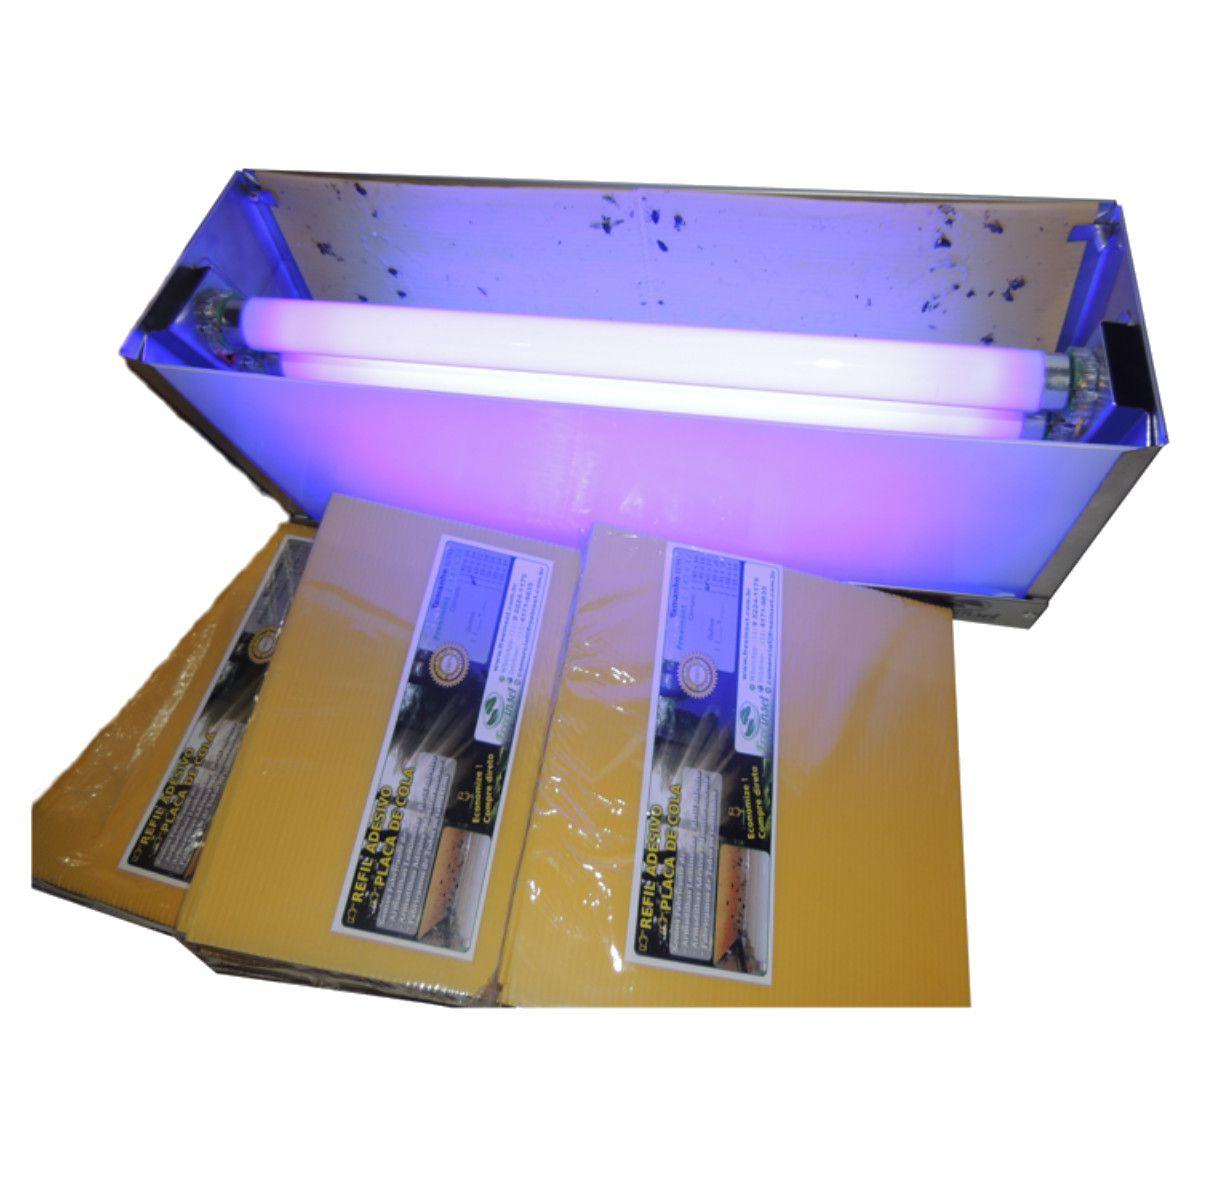 Kit 10 refis + Armadilhas Luminosas TOP, 60w, até 110m², 110V, Aço Inox Escovado, Matar Moscas e Mosquitos